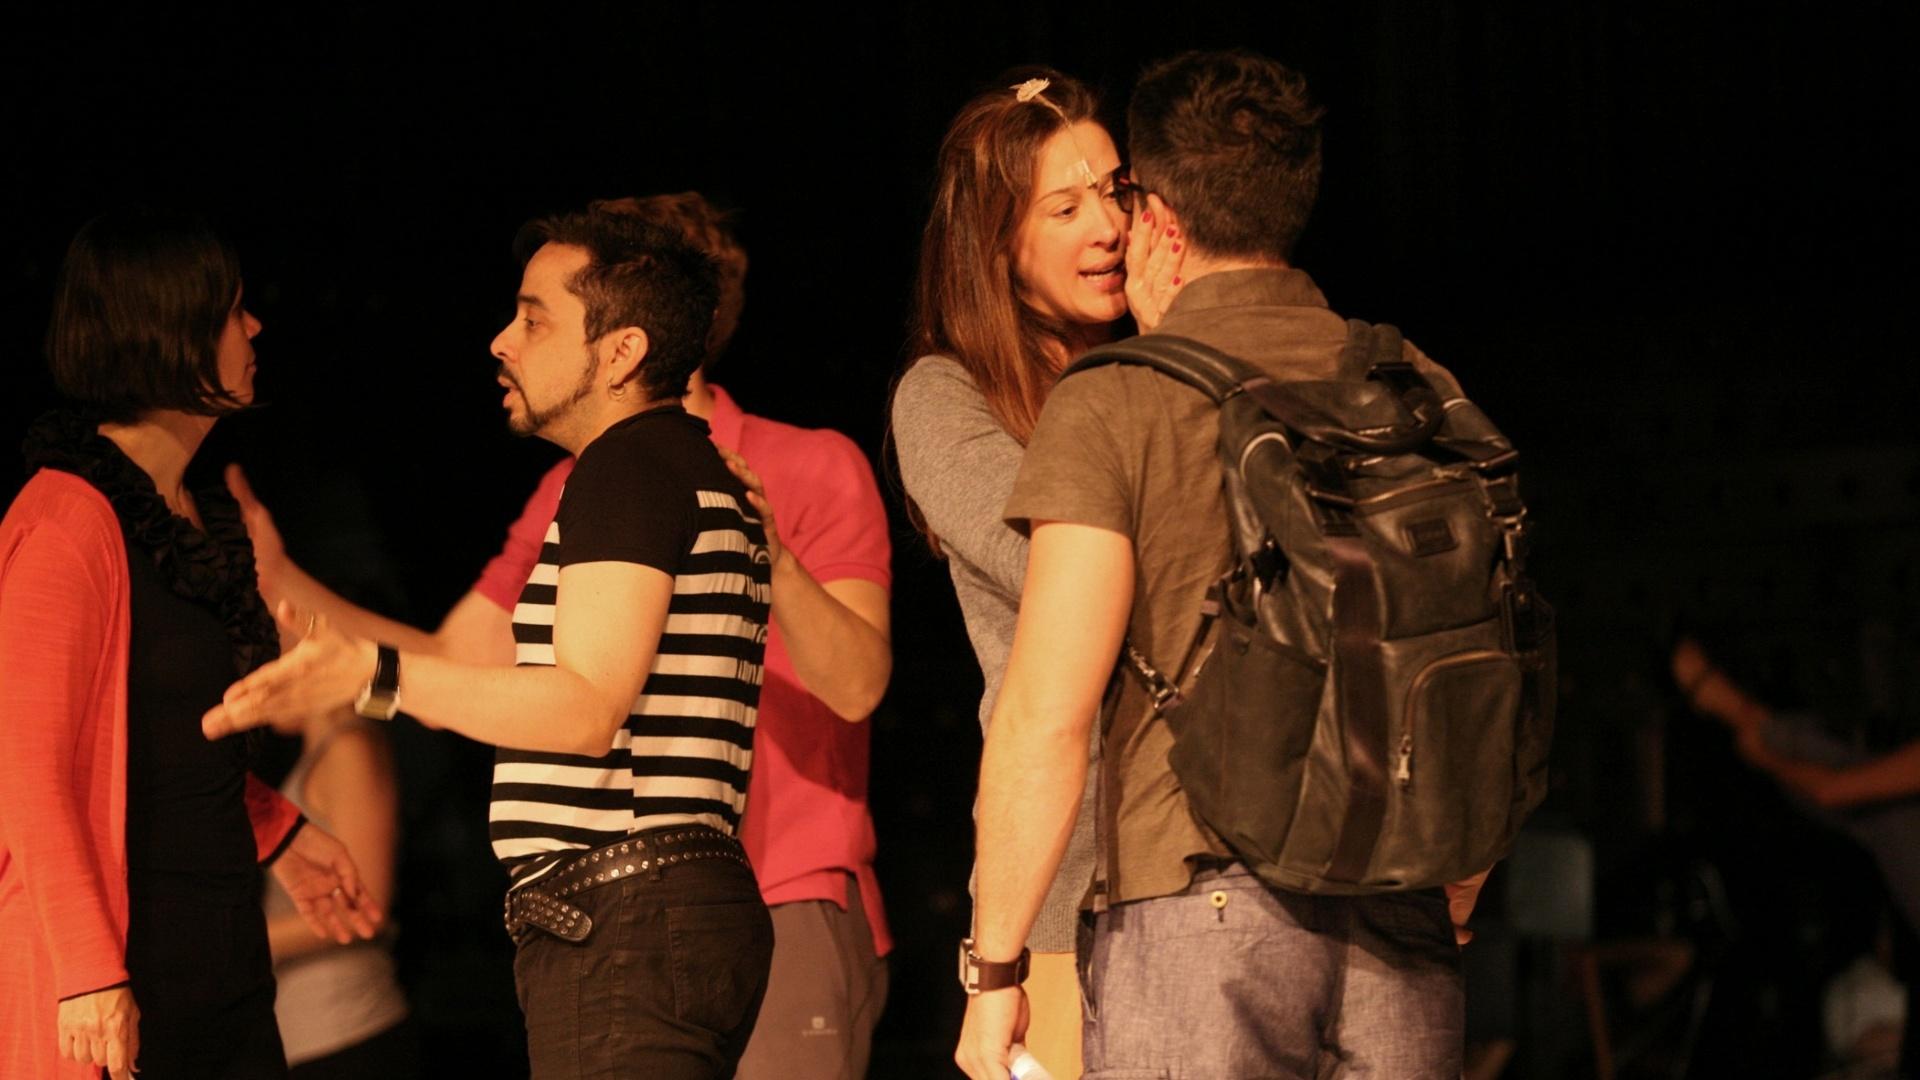 O namorado e parceiro de cena de Cláudia Raia, Jarbas Homem de Melo, chega ao ensaio e é recebido com carinho antes da reestreia em SP (25/08/12)